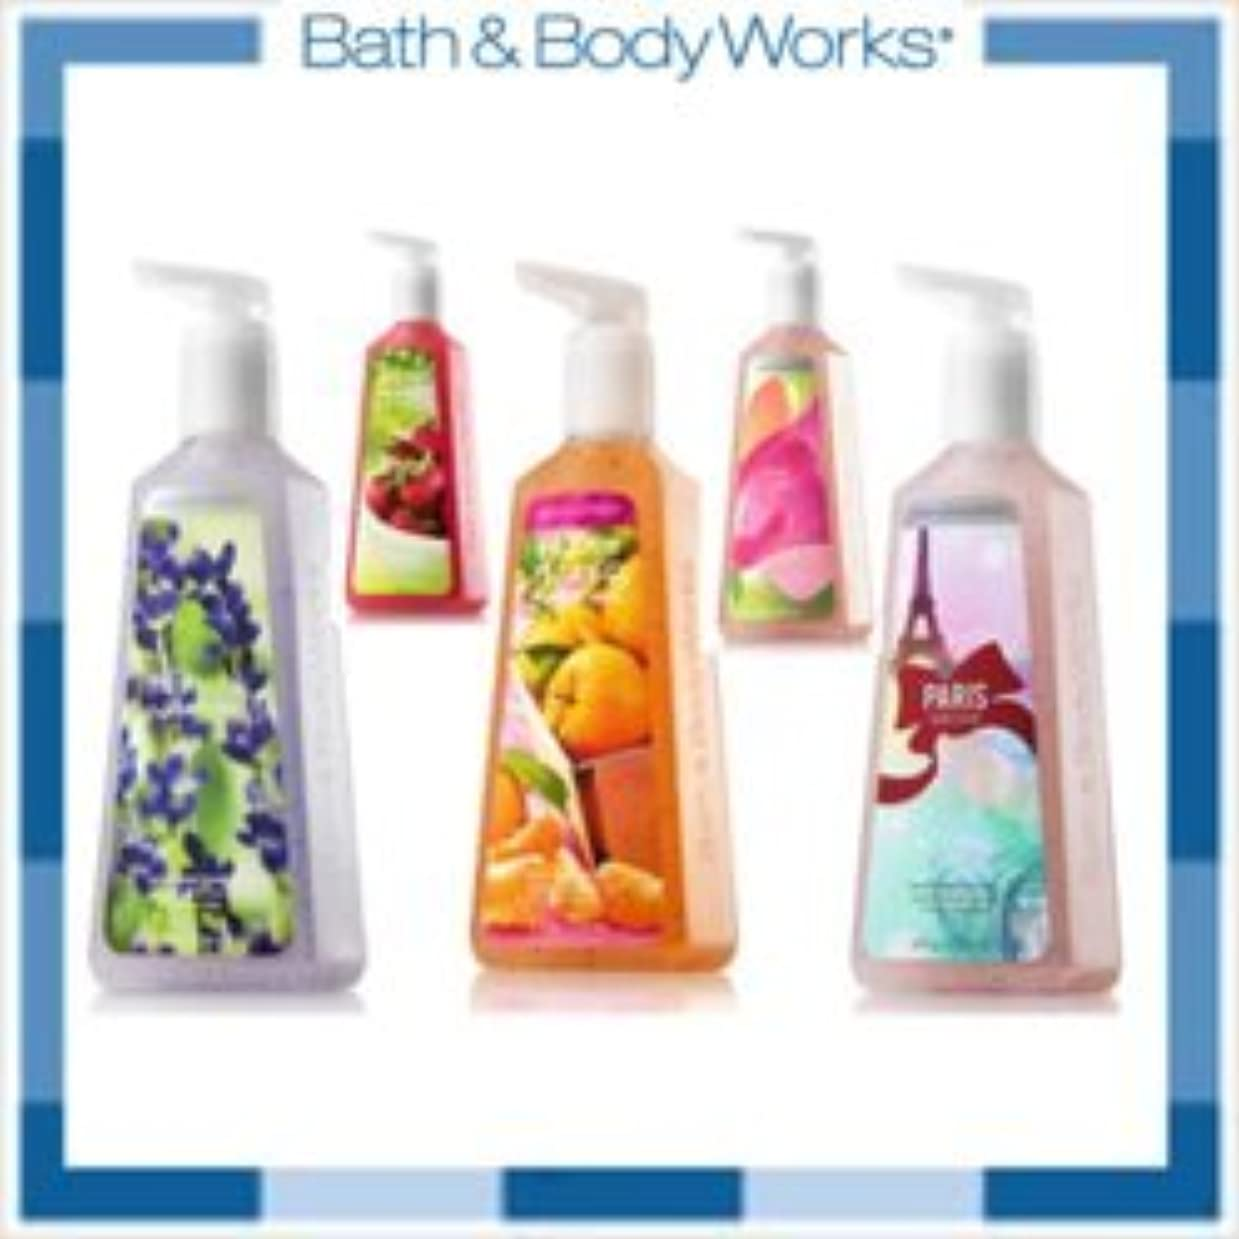 ルーキー赤オーストラリア人Bath & Body Works ハンドソープ 8本詰め合わせセット (???????、??????????????or MIX) 【平行輸入品】 (ディープクレンジング  (8本))